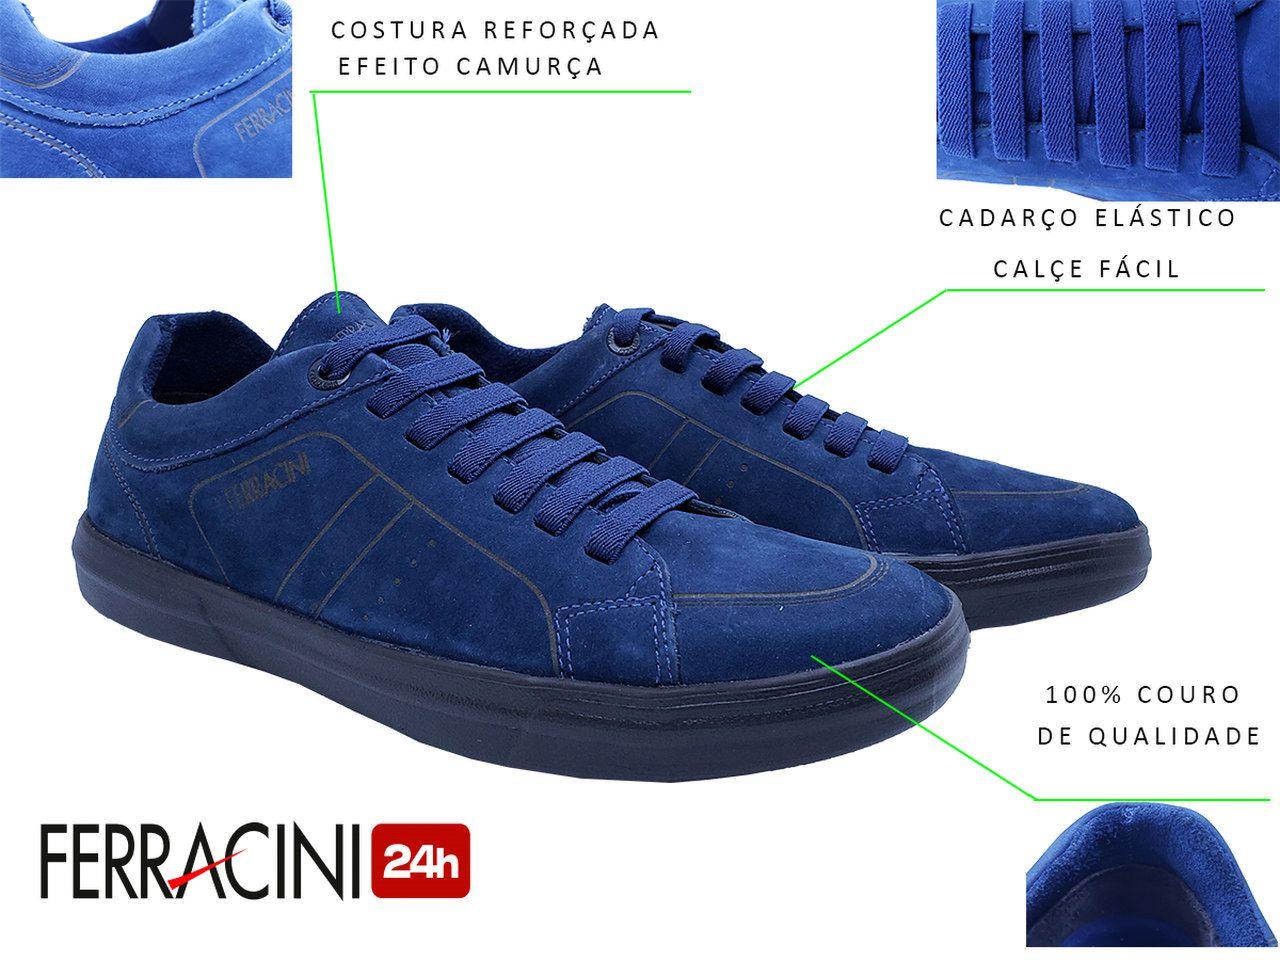 Sapatenis 8939-545 Ferracini